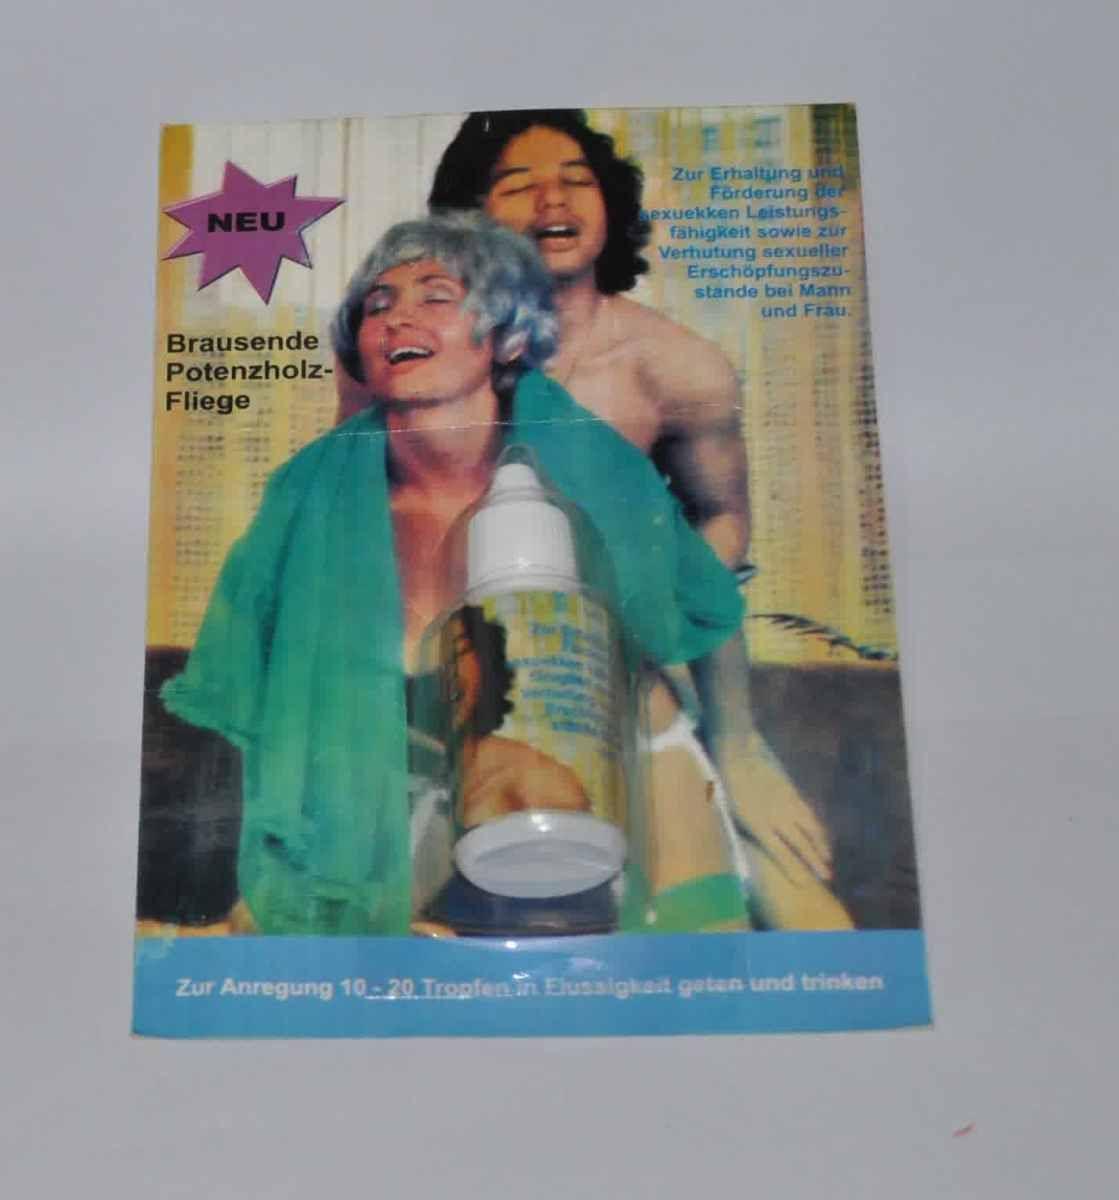 obat perangsang wanita potenzol cair asli produk import buatan